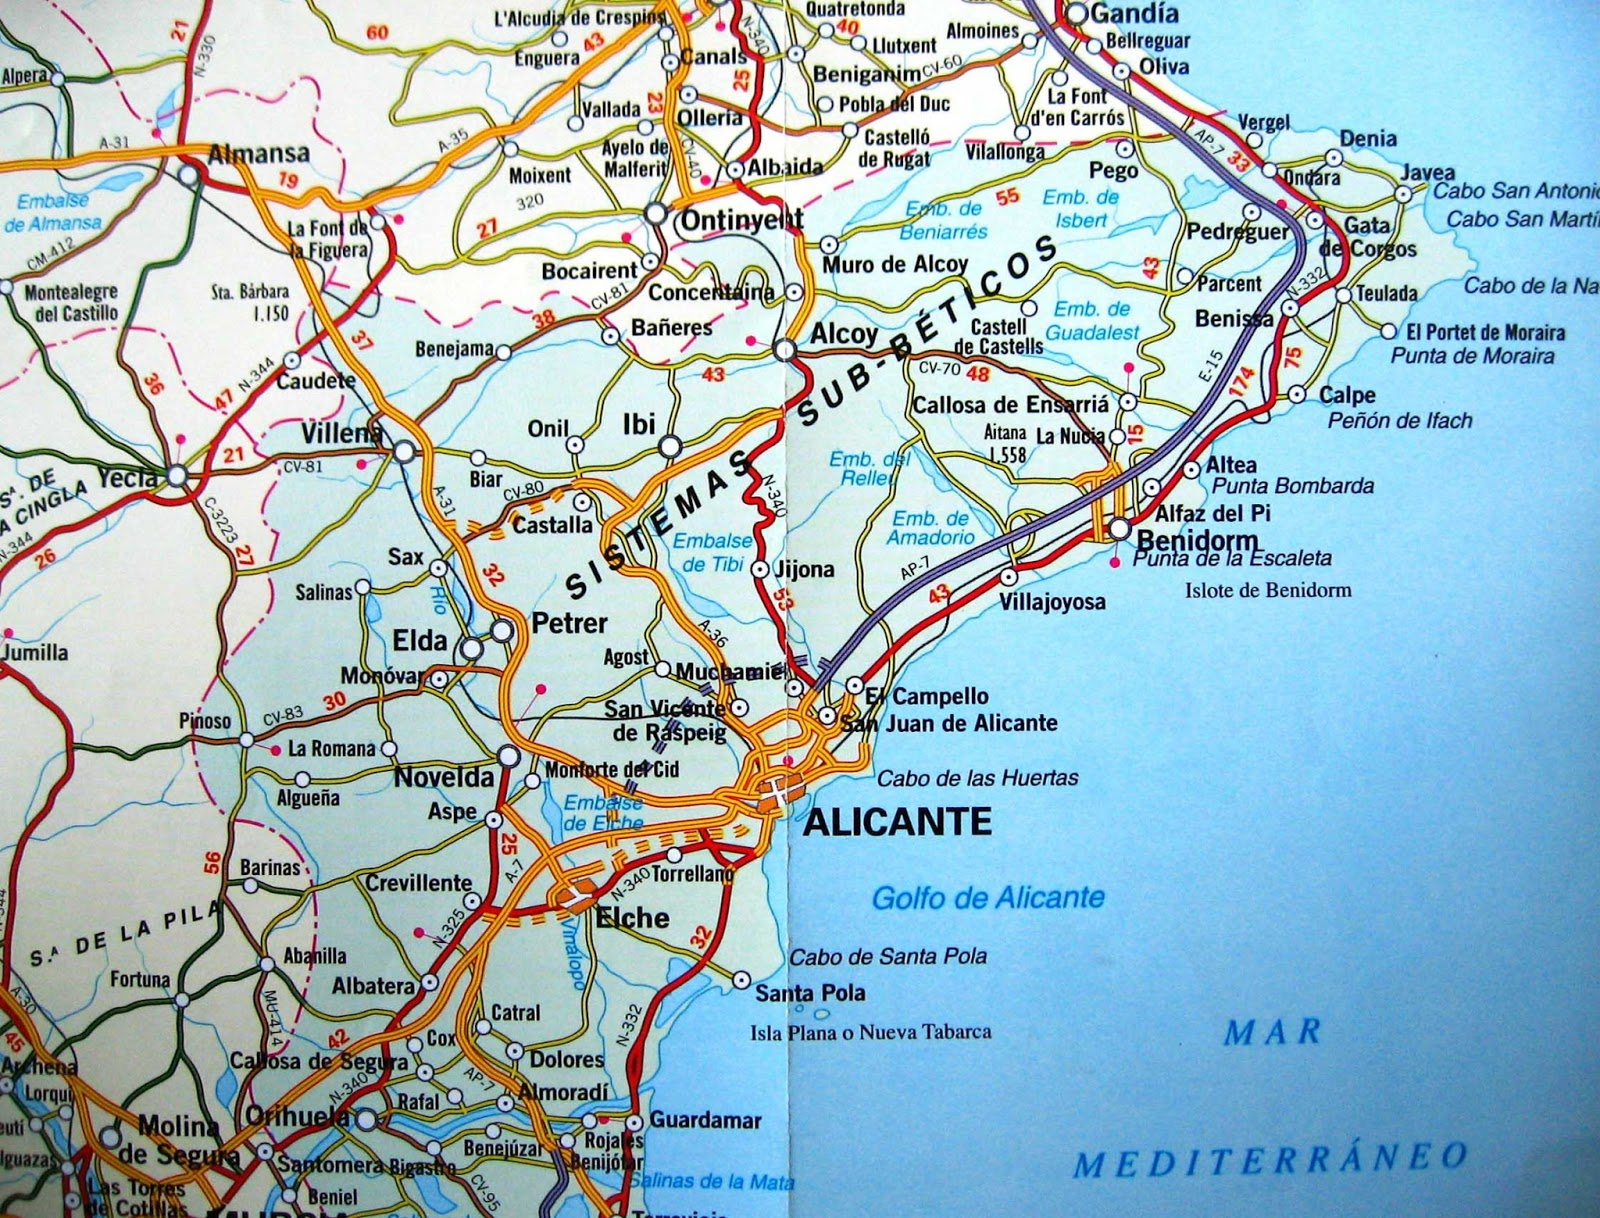 alicante mapa espanha Mapas de Alicante   Espanha | MapasBlog alicante mapa espanha